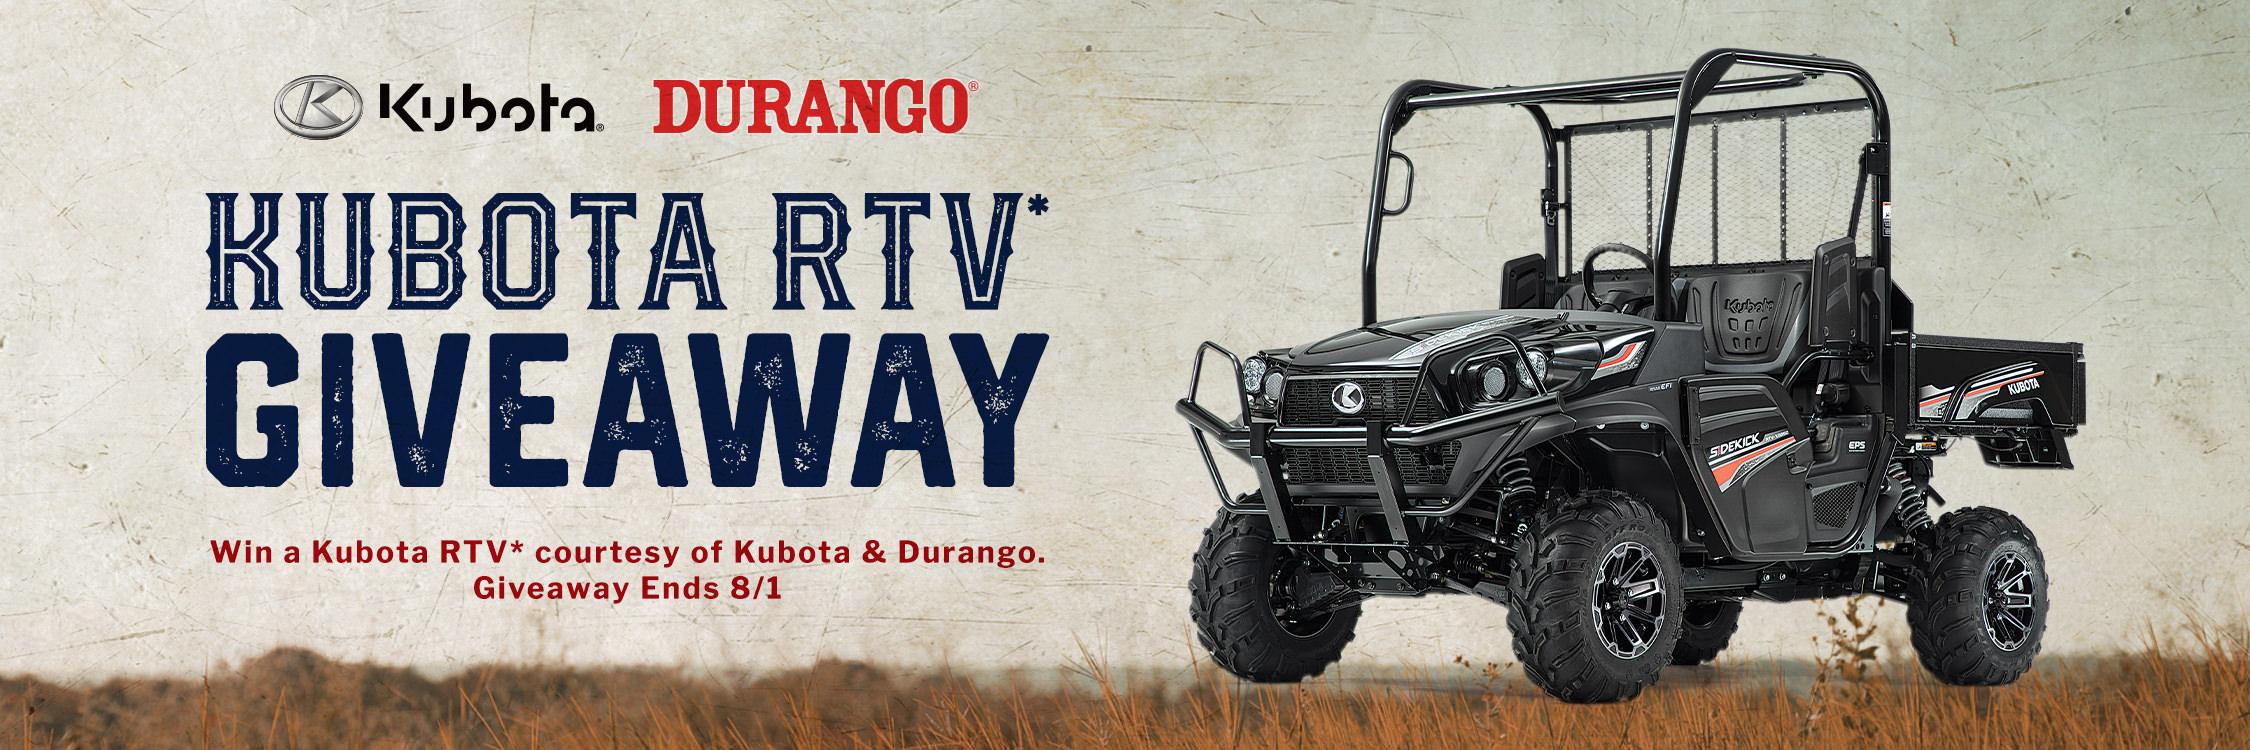 Kubota RTV Giveaway. Enter now through August 1, 2021!